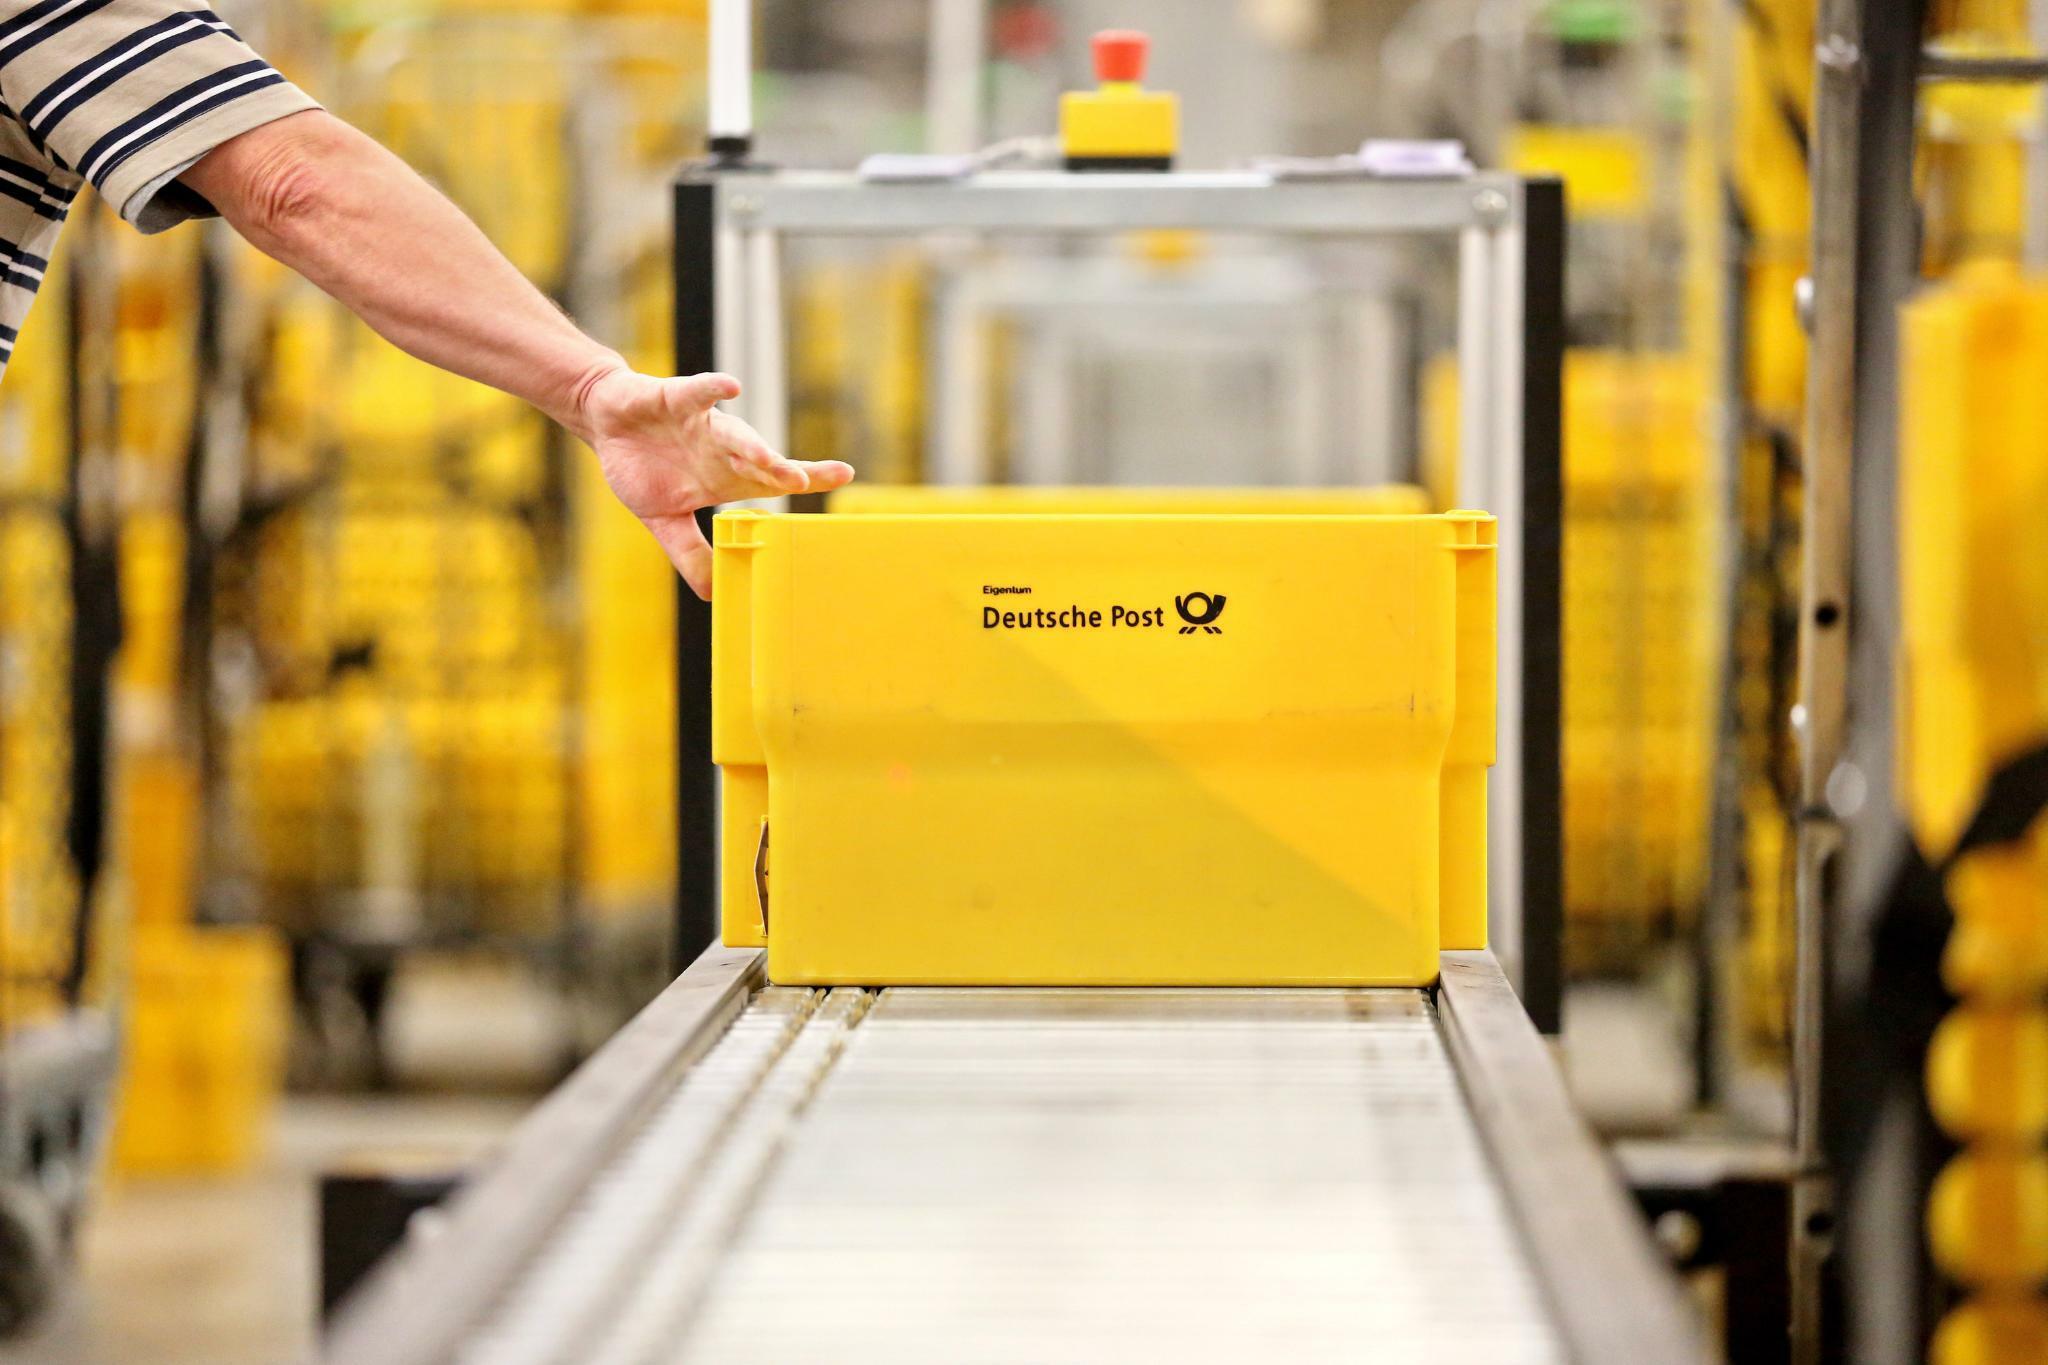 Dhl Deutsche Post Bekommt Ihr Paketgeschäft Nicht In Den Griff